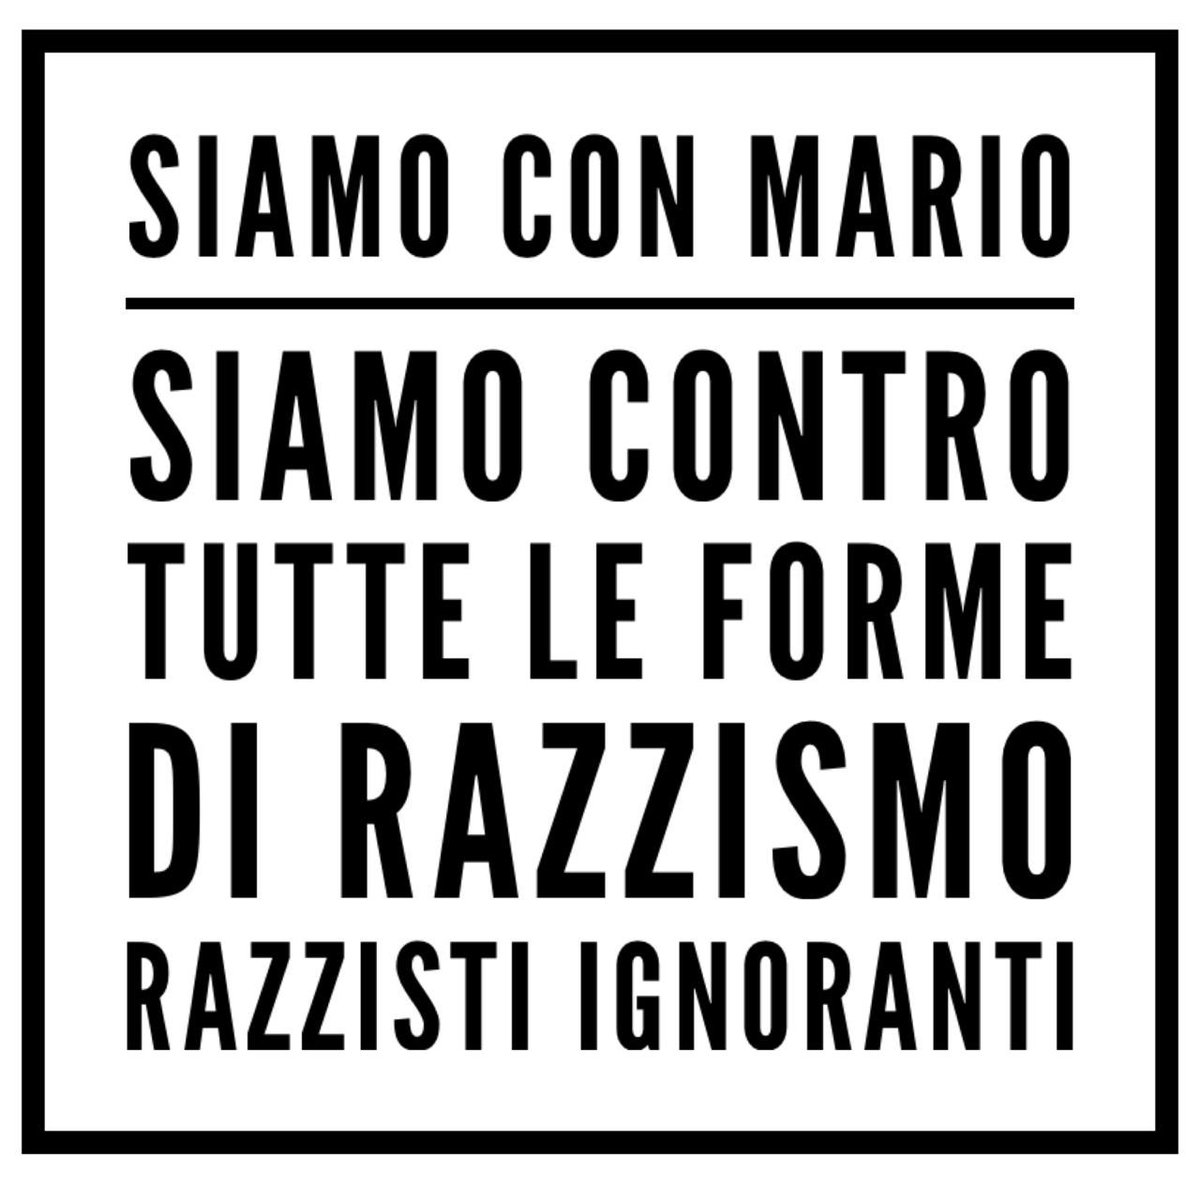 #NoRacism @FinallyMario https://t.co/z7itvDsmXR